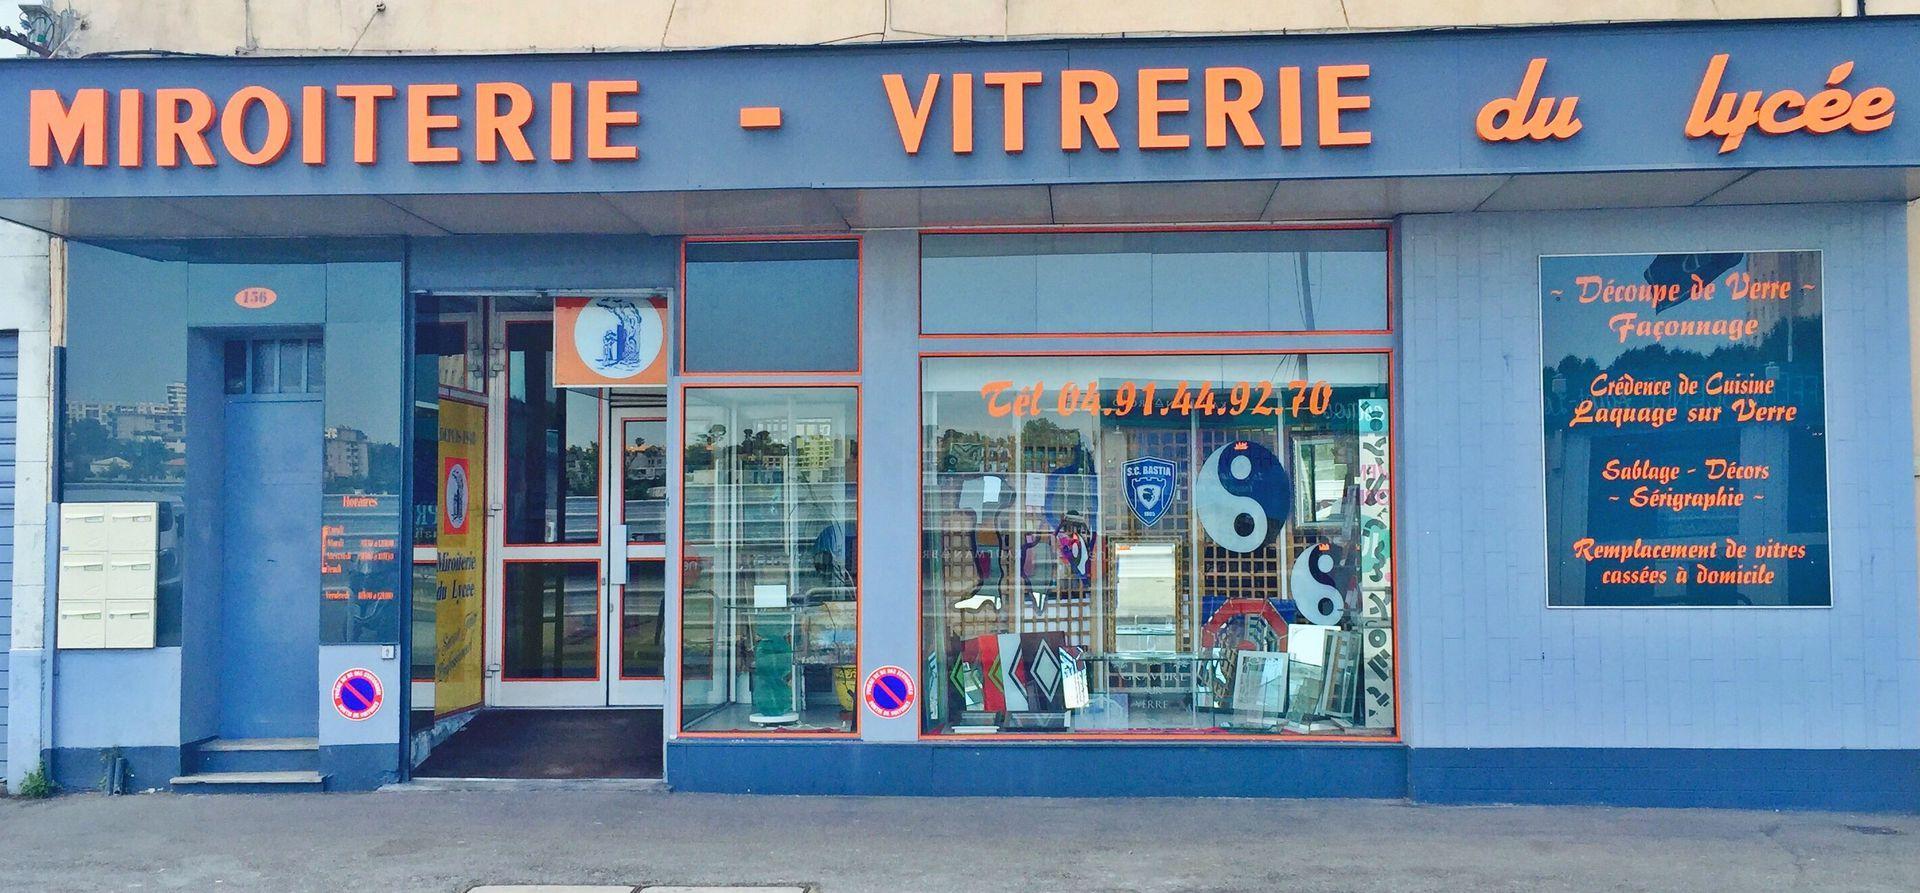 Miroiterie Vitrerie Du Lycée Marseille